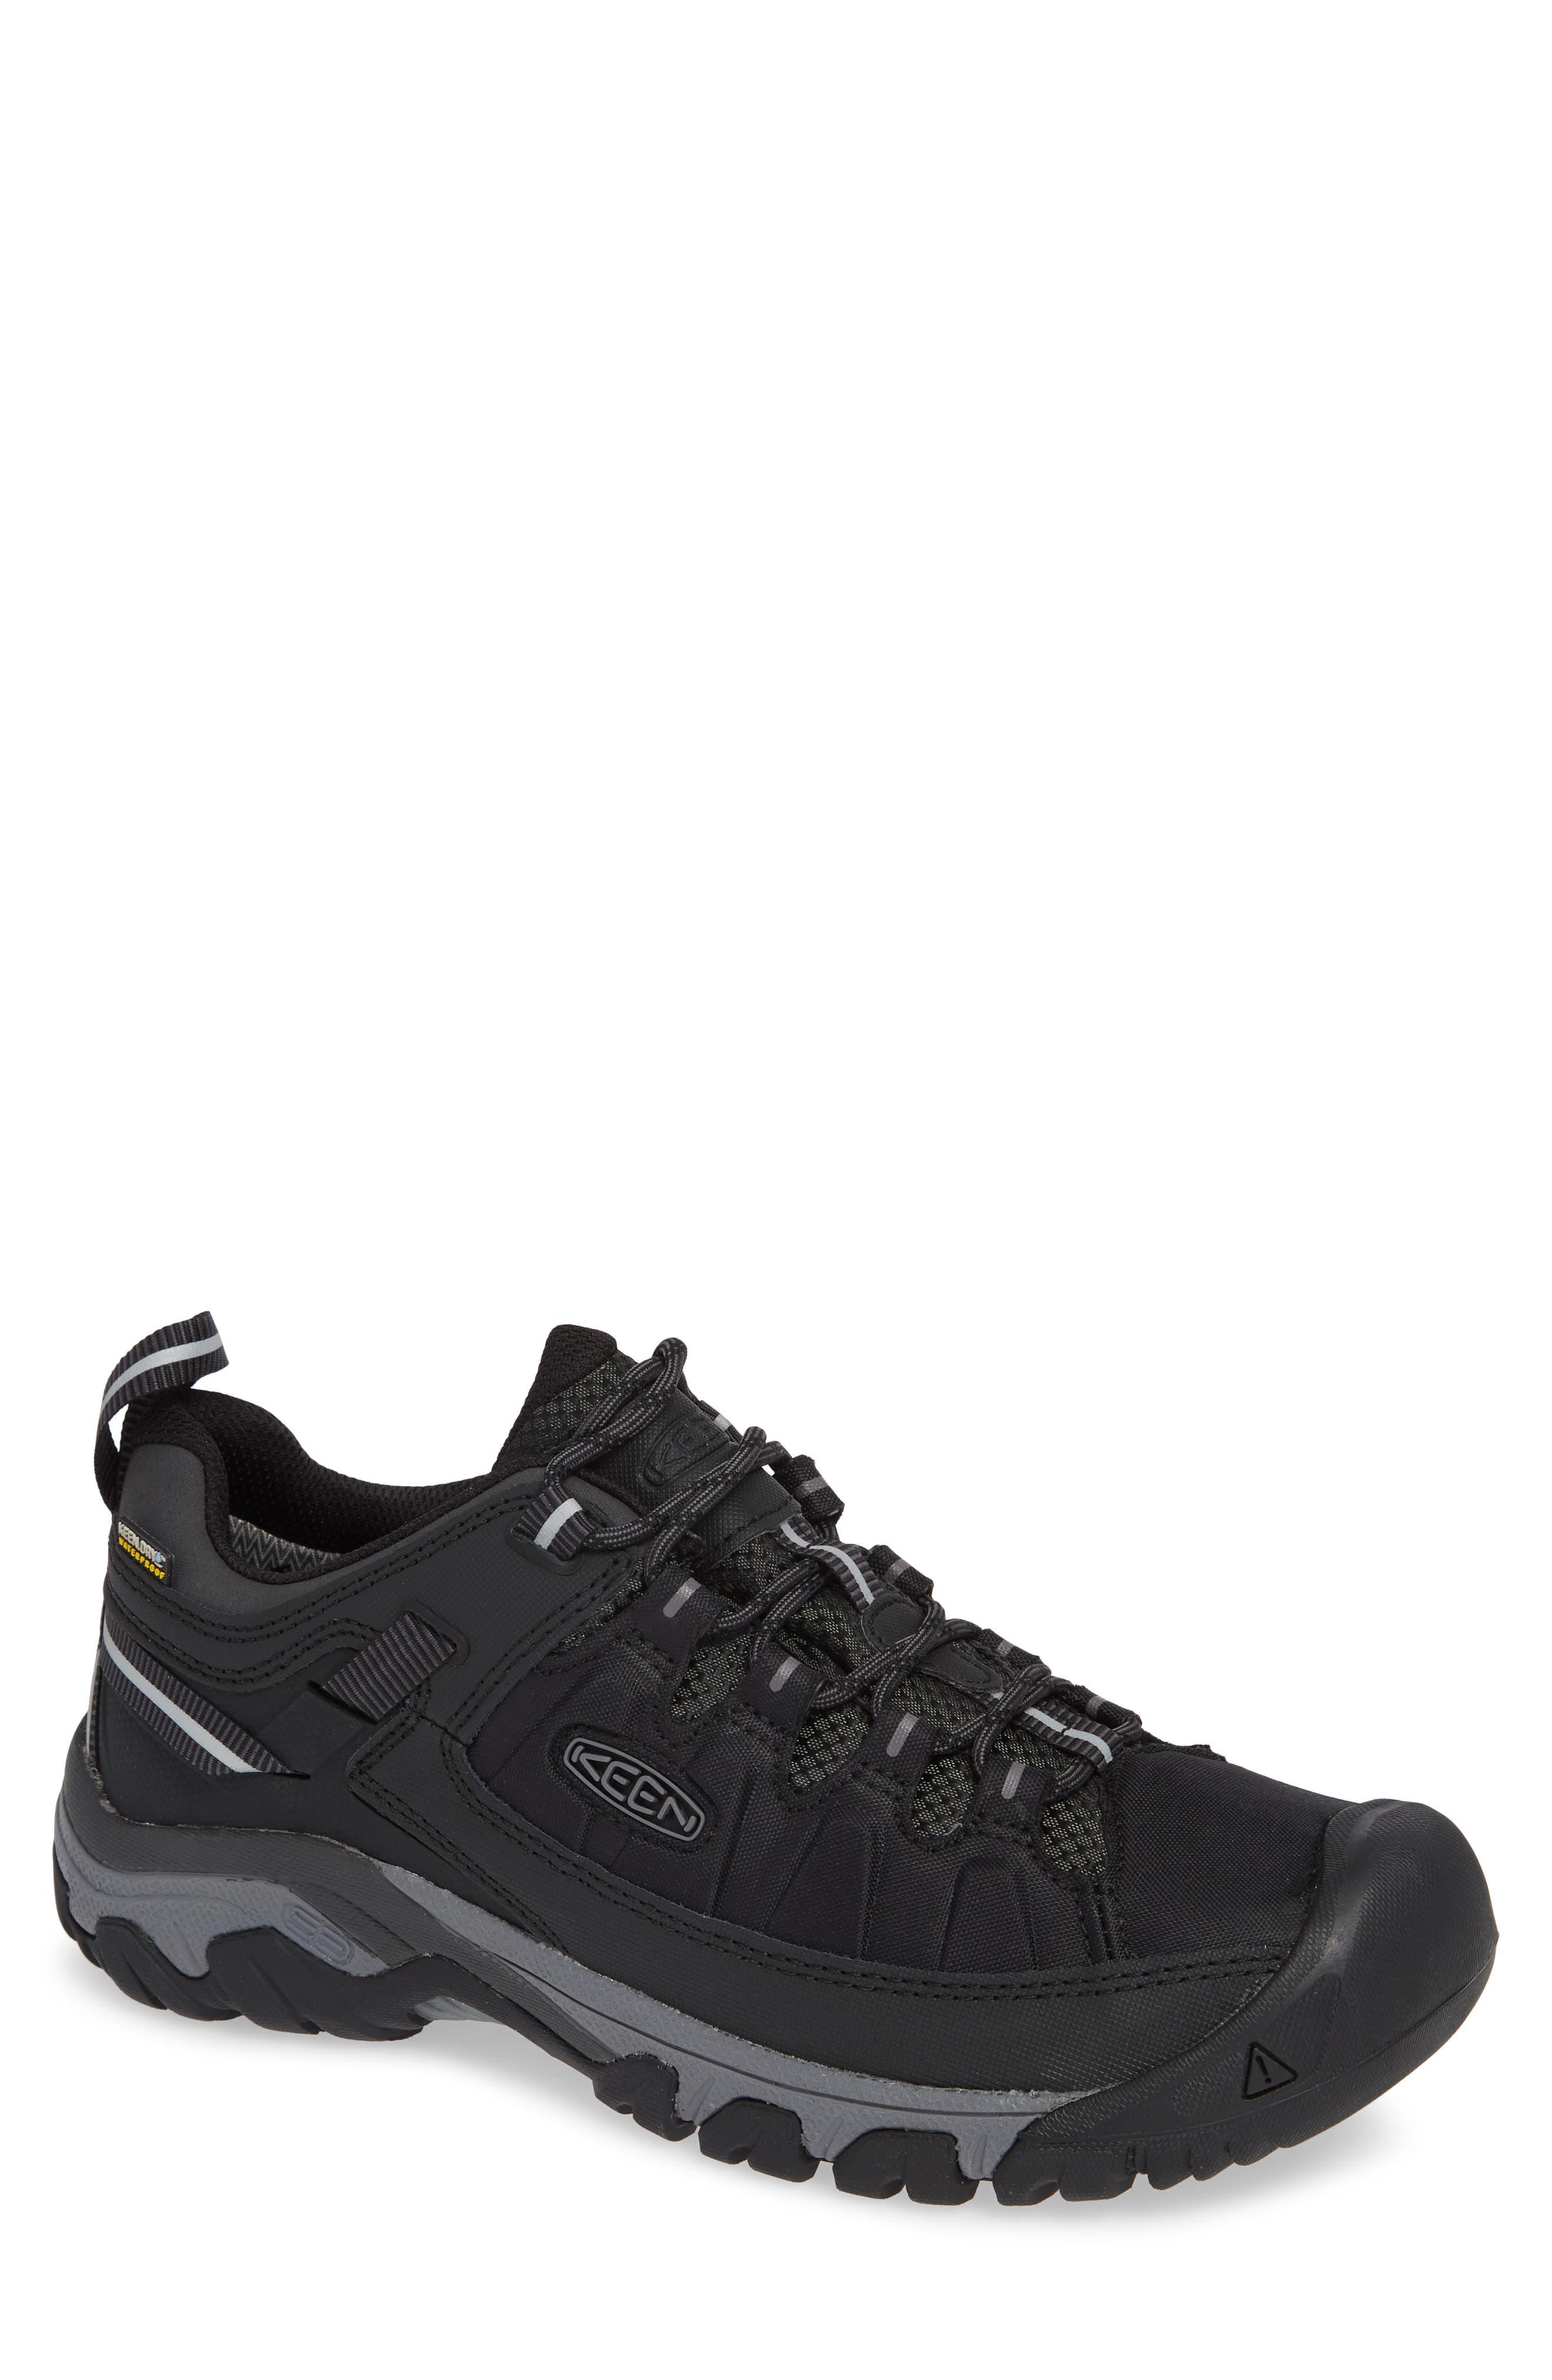 Targhee EXP Waterproof Hiking Shoe,                         Main,                         color, BLACK/ STEEL GREY